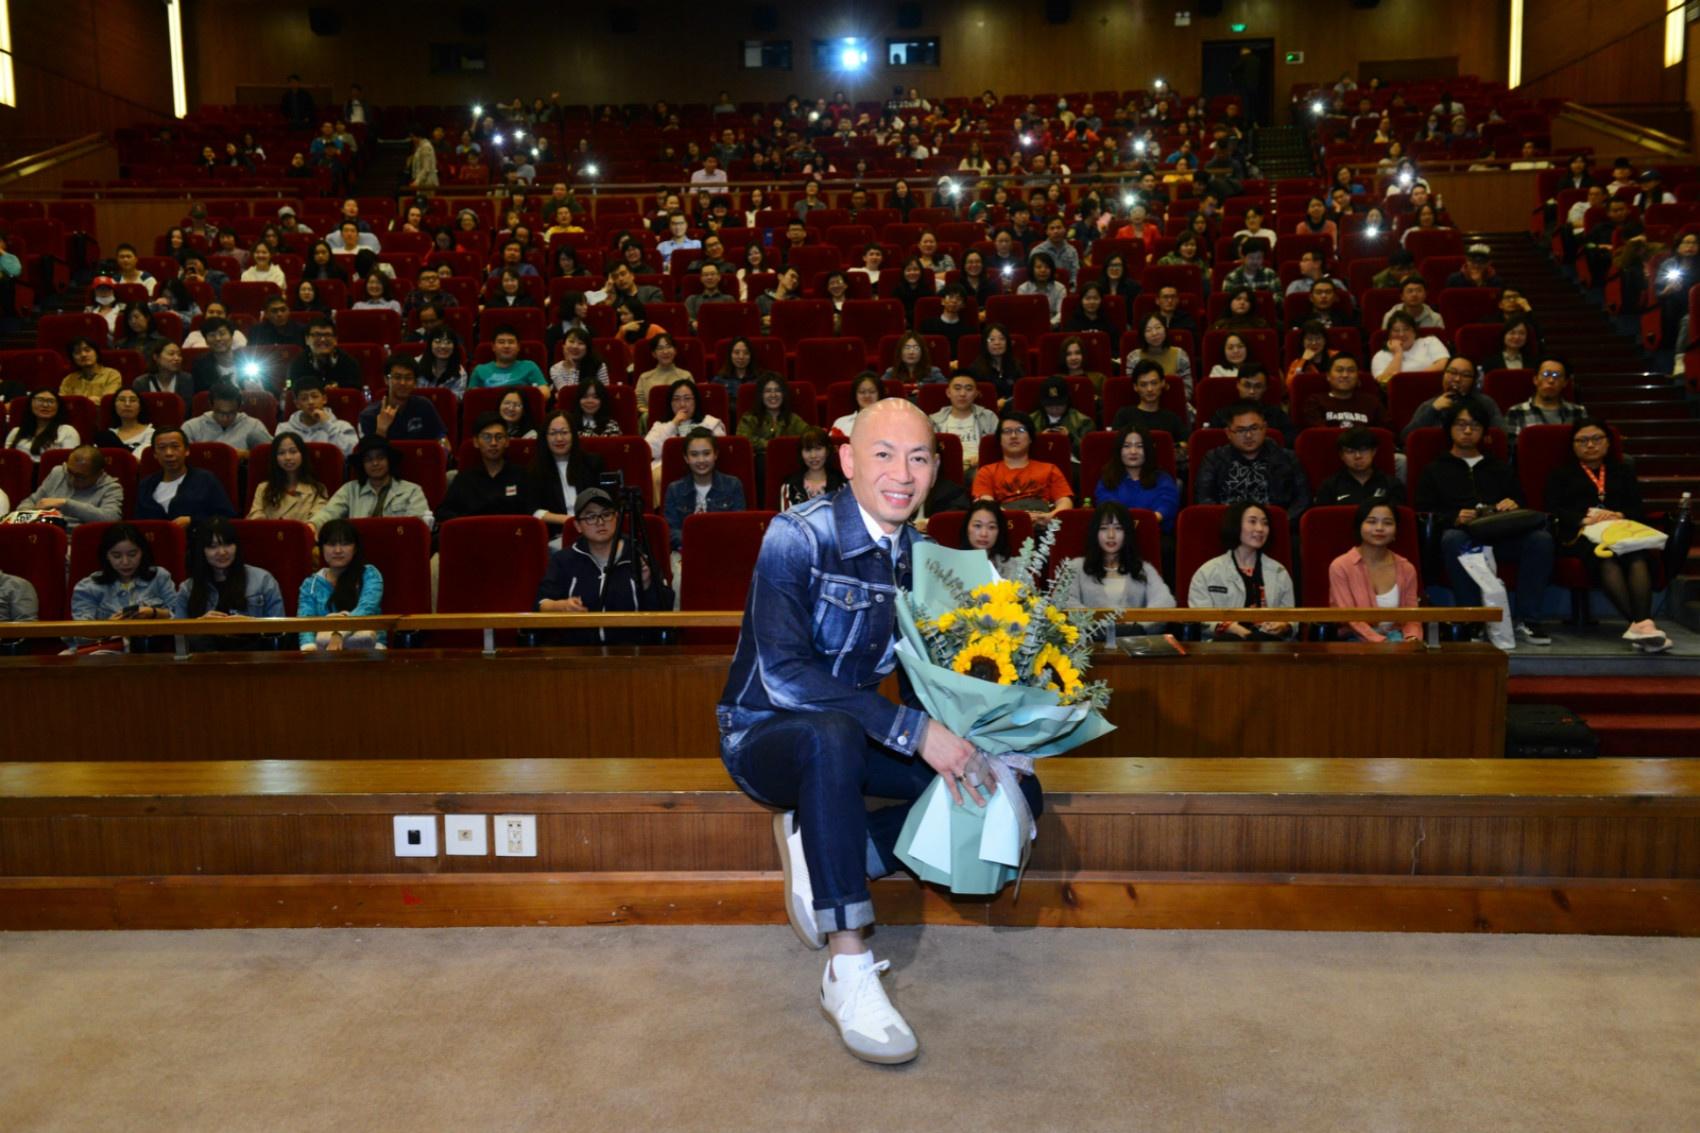 林超贤彭于晏四度合作 称新片将超越《红海行动》